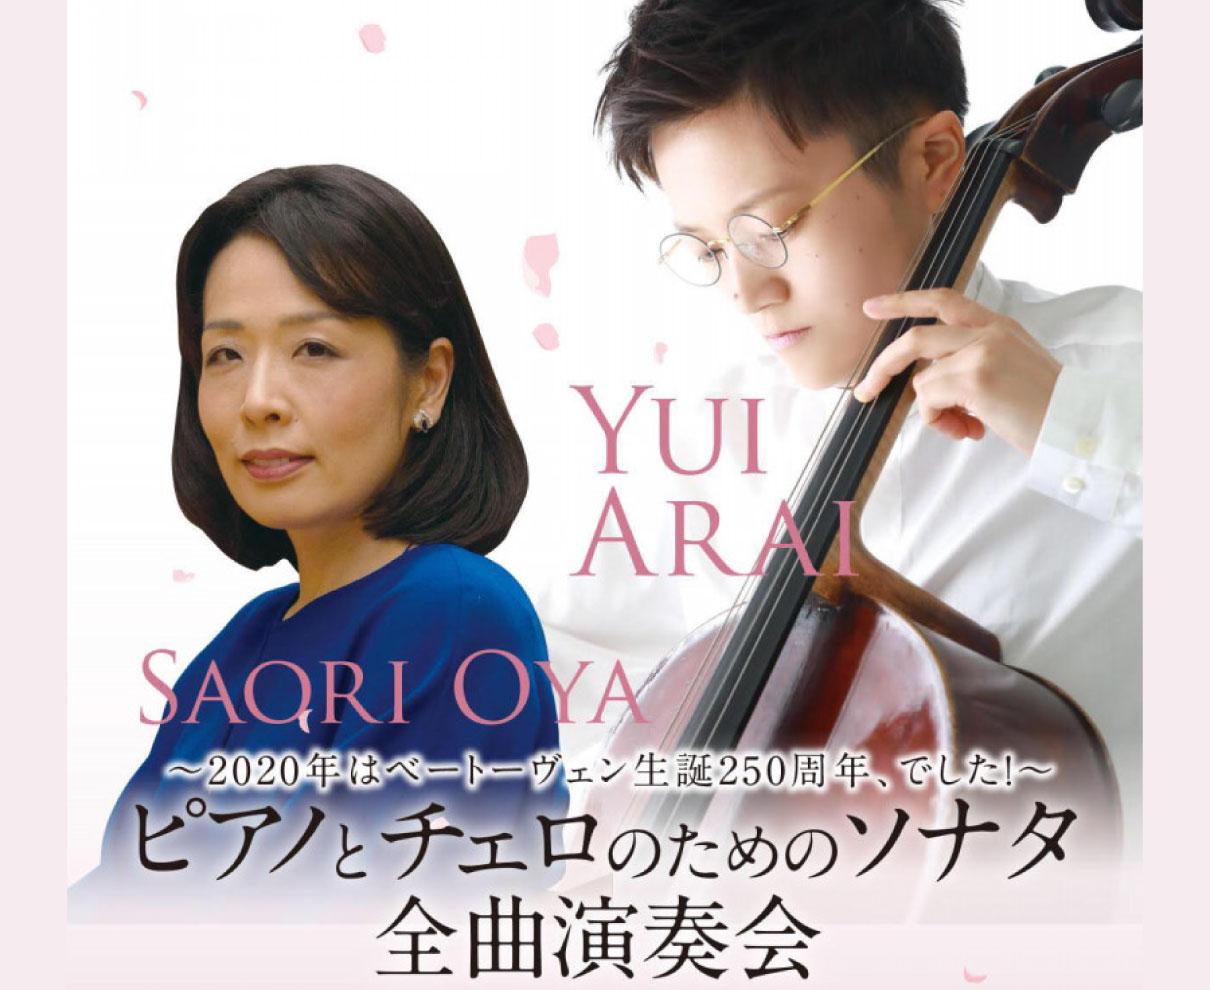 【2/23・3/21】福井ゆかりの音楽家による、ベートーヴェン:ピアノとチェロのためのソナタ全曲演奏会